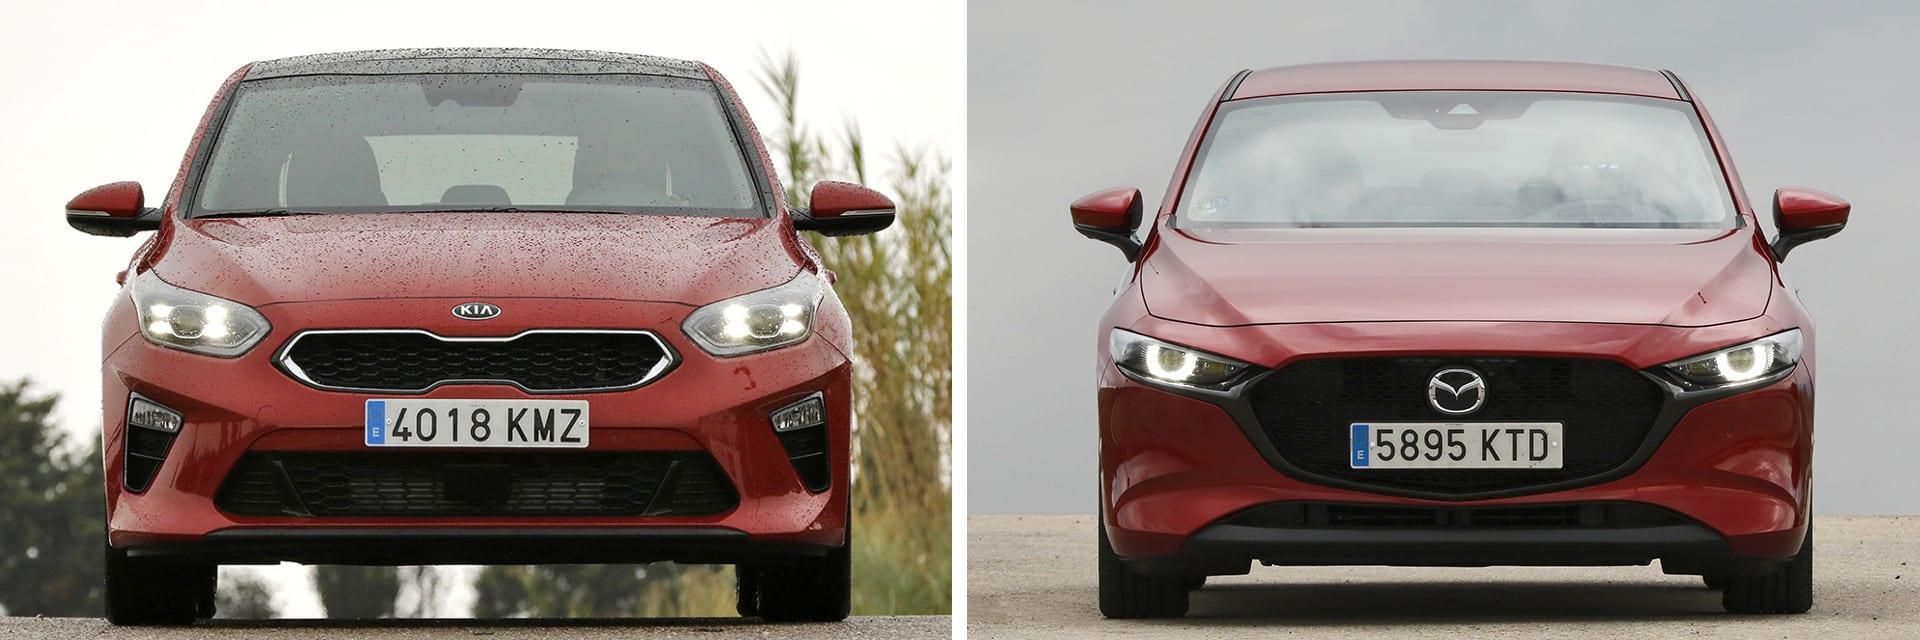 El Mazda3 (izq.) tarda 7,2 segundos en acelerar de 80 a 120 km/h ; 1,2 segundos más rápido que el Ceed (dcha.)